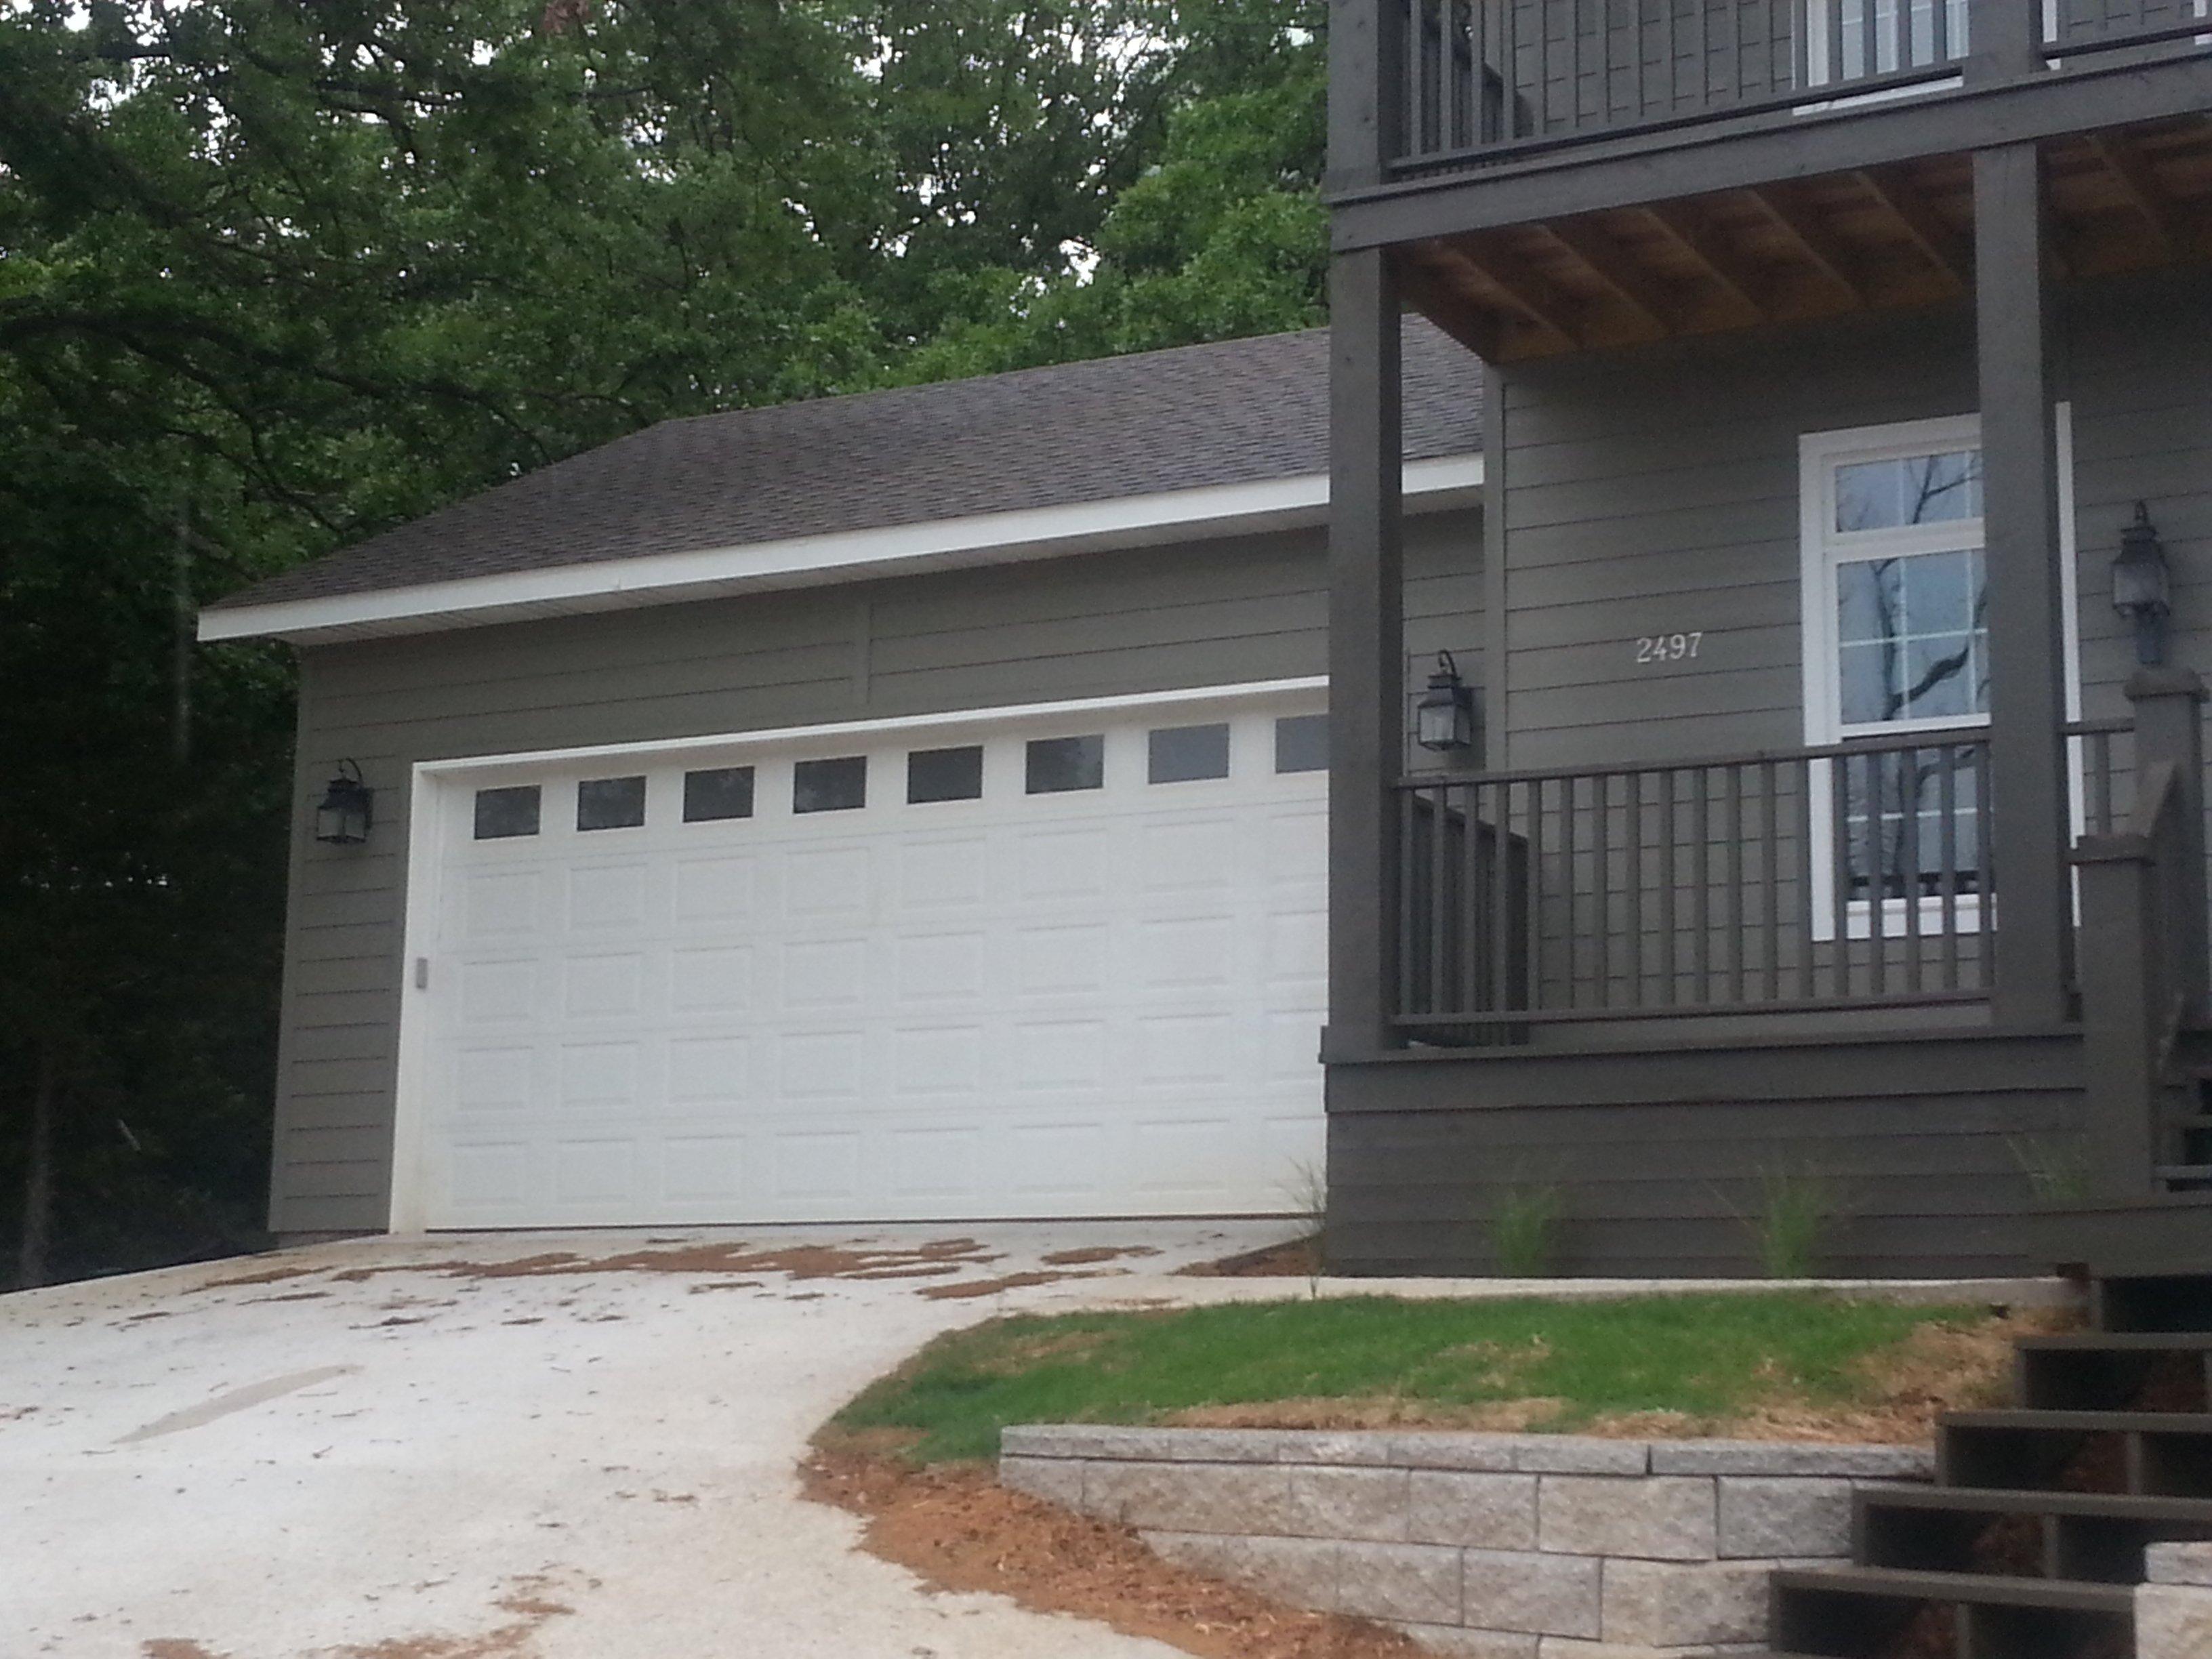 1080 #4B5E3B Kennith's Overhead Door Garage Doors Springdale AR image Best Residential Garage Doors 37831440